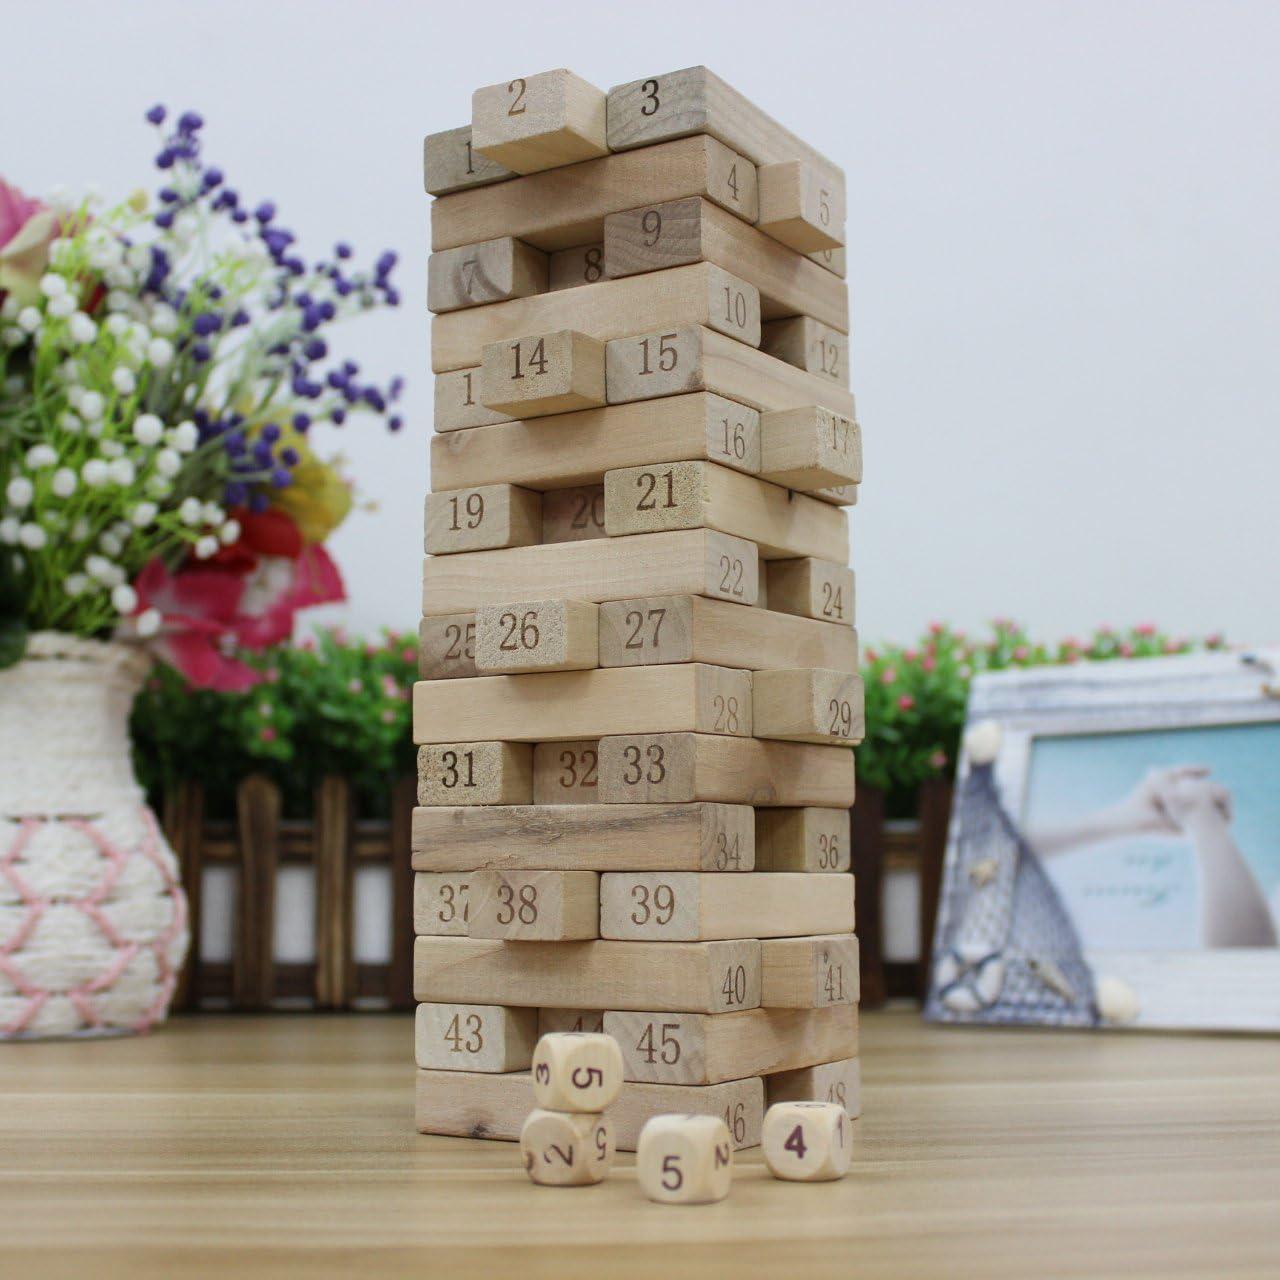 Número de bloques de madera juego jenga pila y caída de apilamiento Puzzle playset.Clasico juego, juguetes de madera - 48pcs bloques 4pcs dados: Amazon.es: Juguetes y juegos